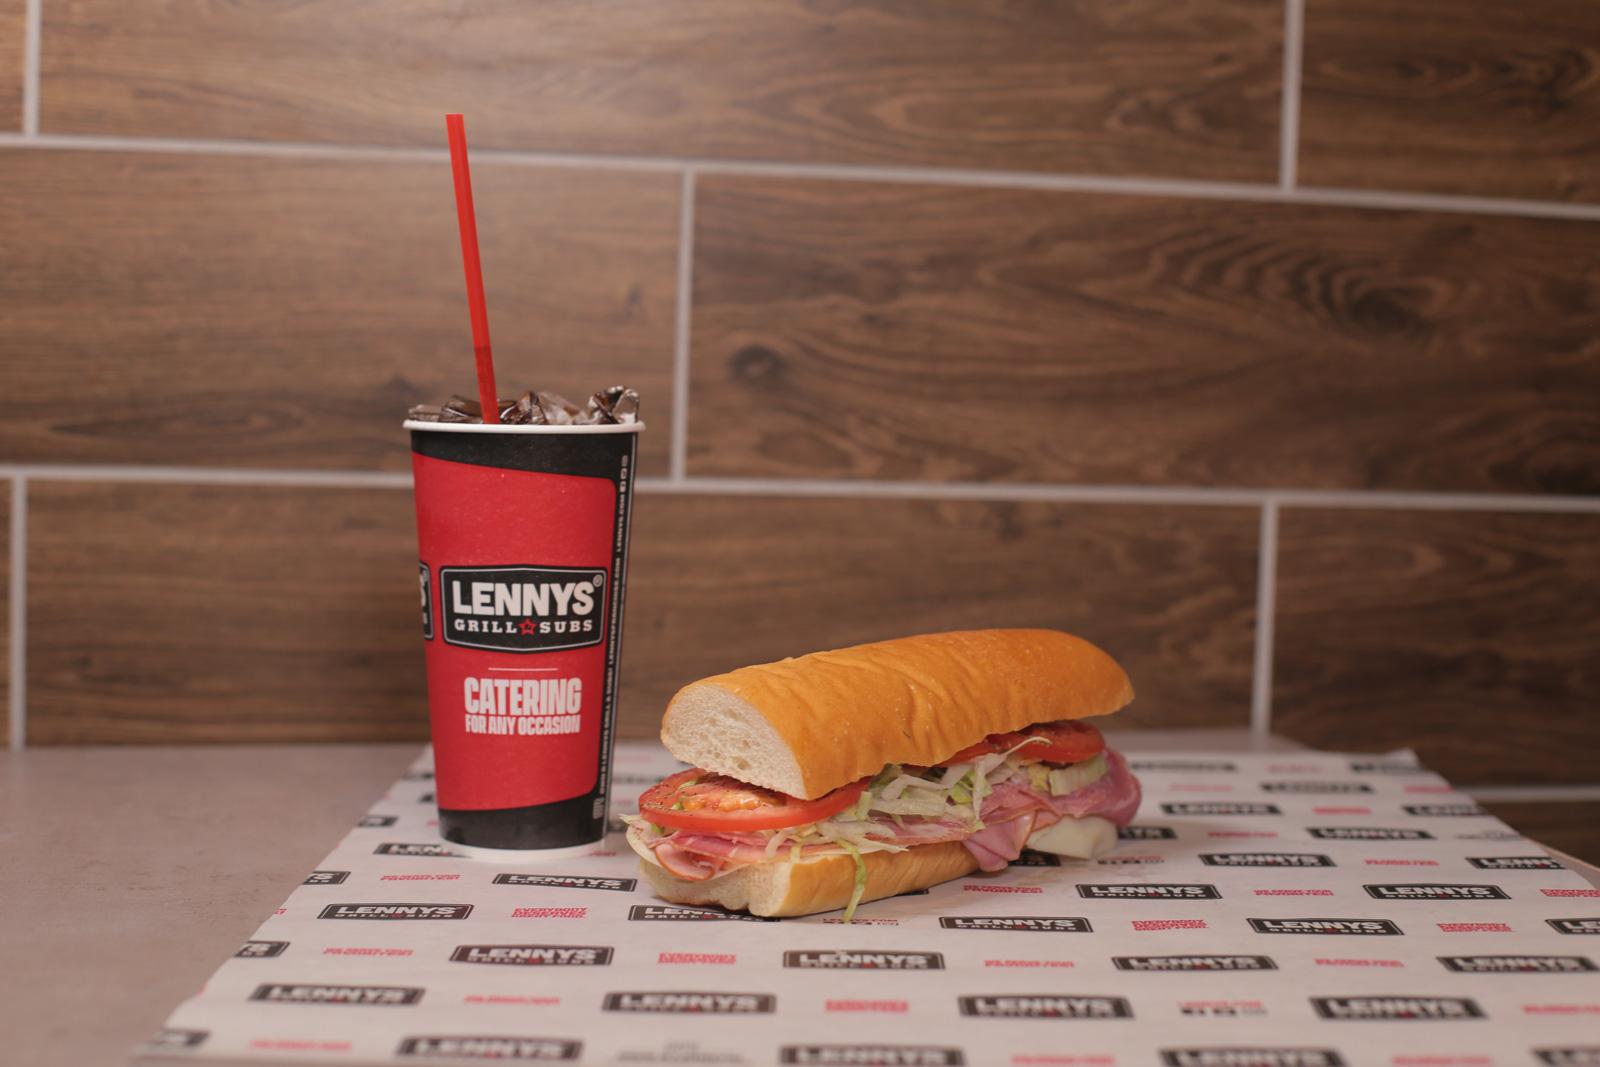 lennys sandwich image